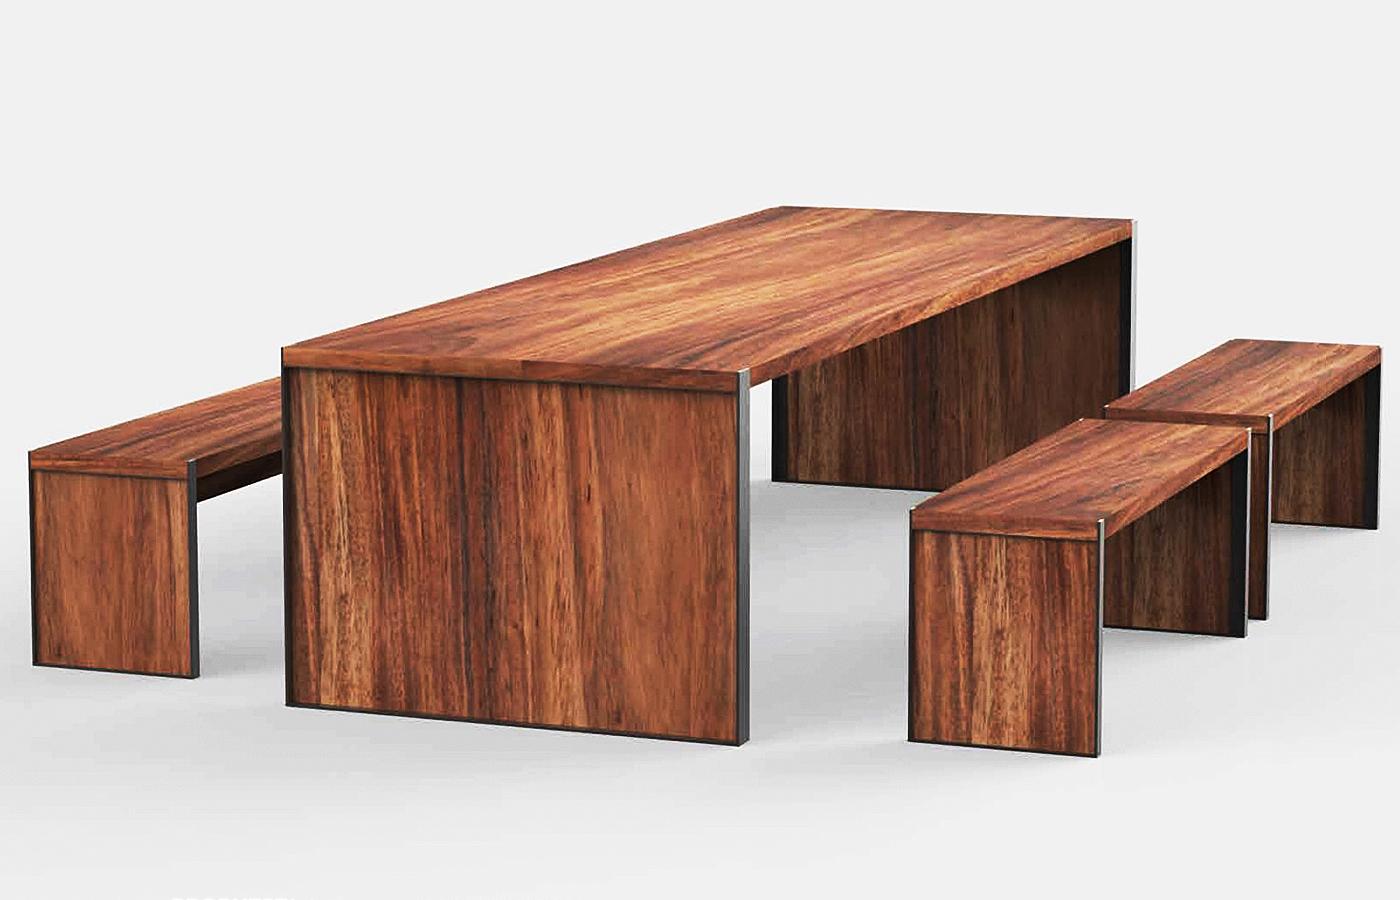 Muebles De Exterior De Madera Parota Finos Y Artesanales